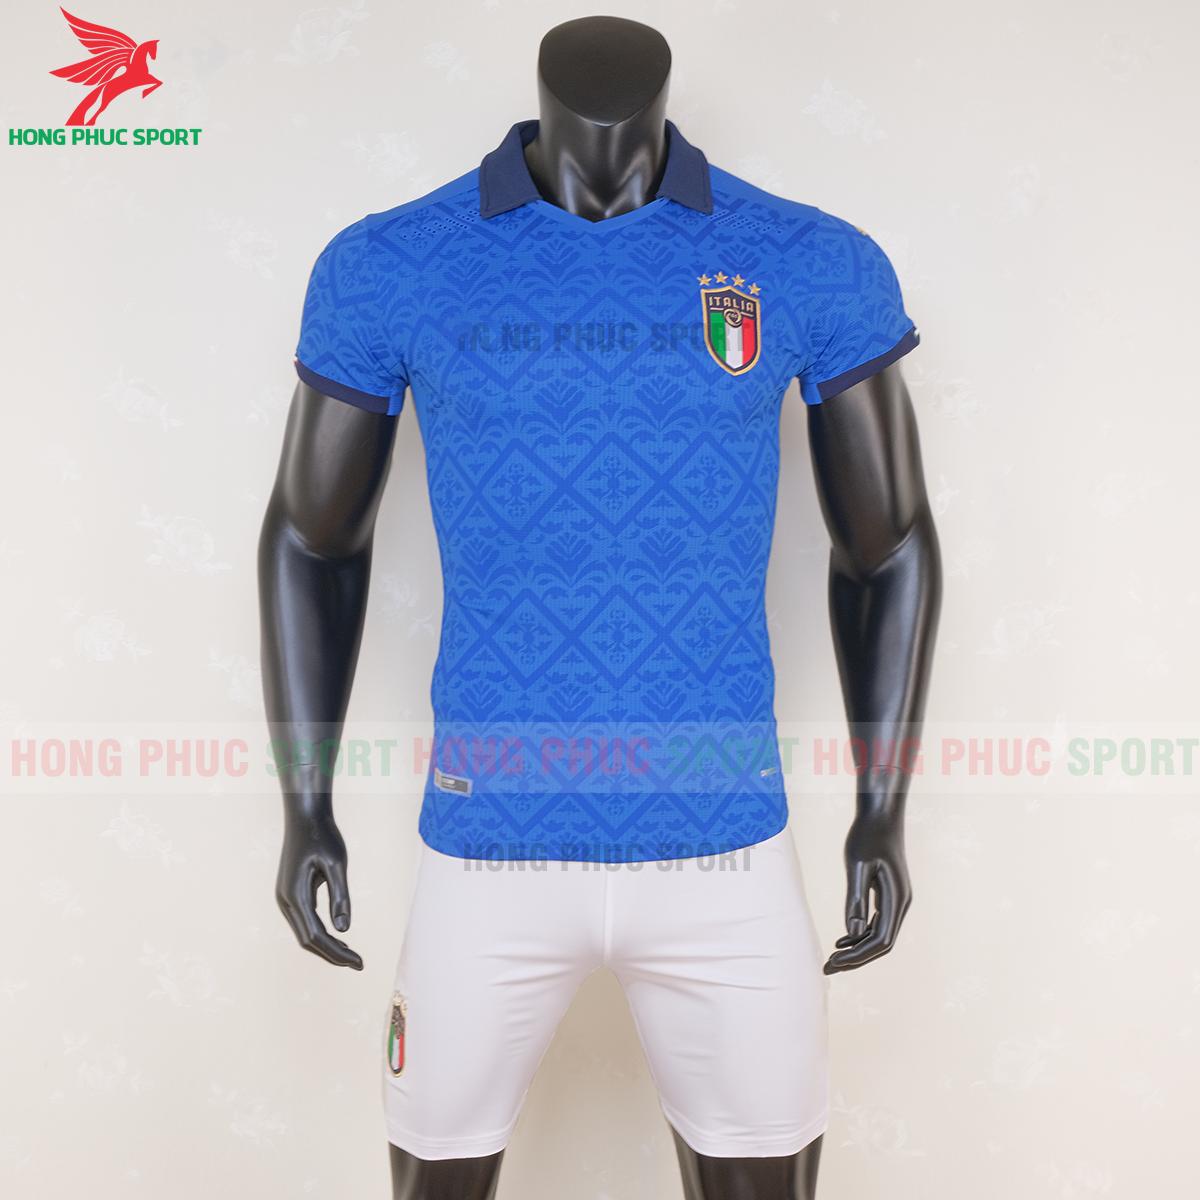 Áo đấu tuyển Italia 2020 sân nhà (trước)